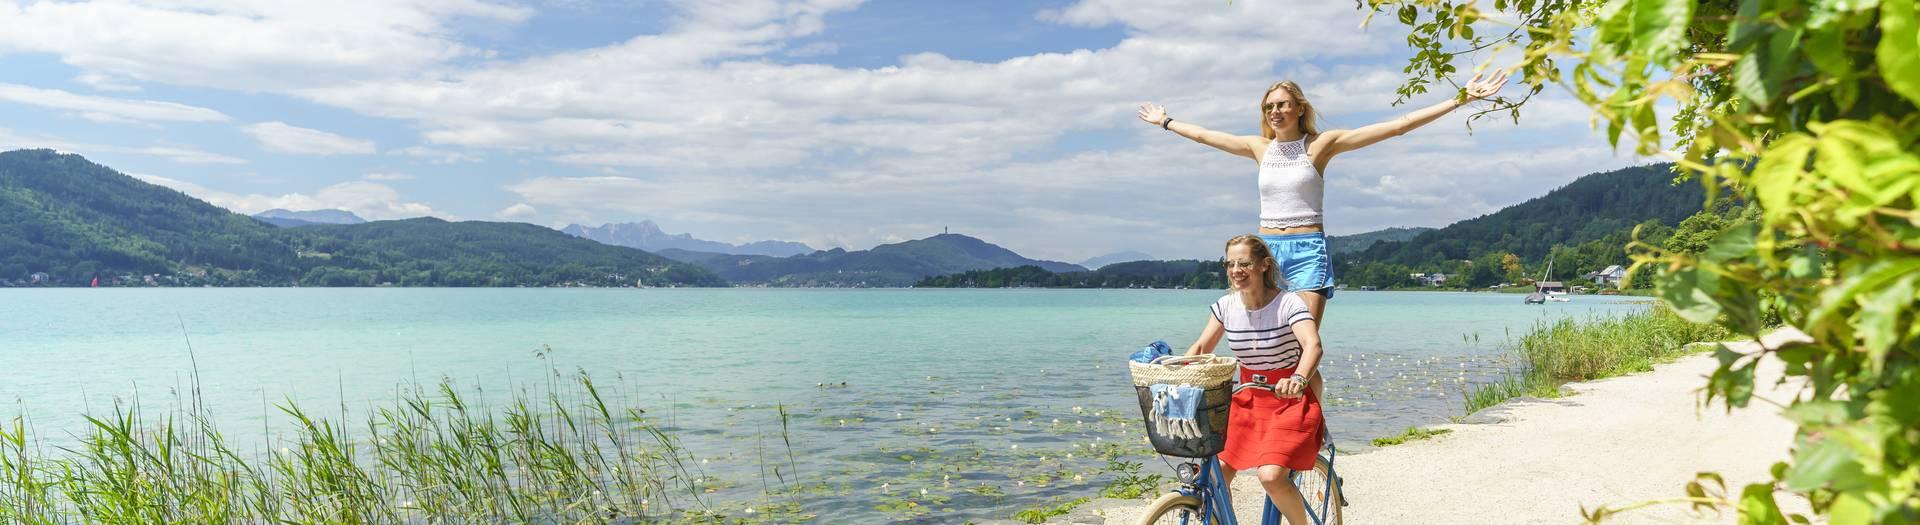 Seensschleife EinstiegBild1 WoertherseeGirls Tine Steinthaler